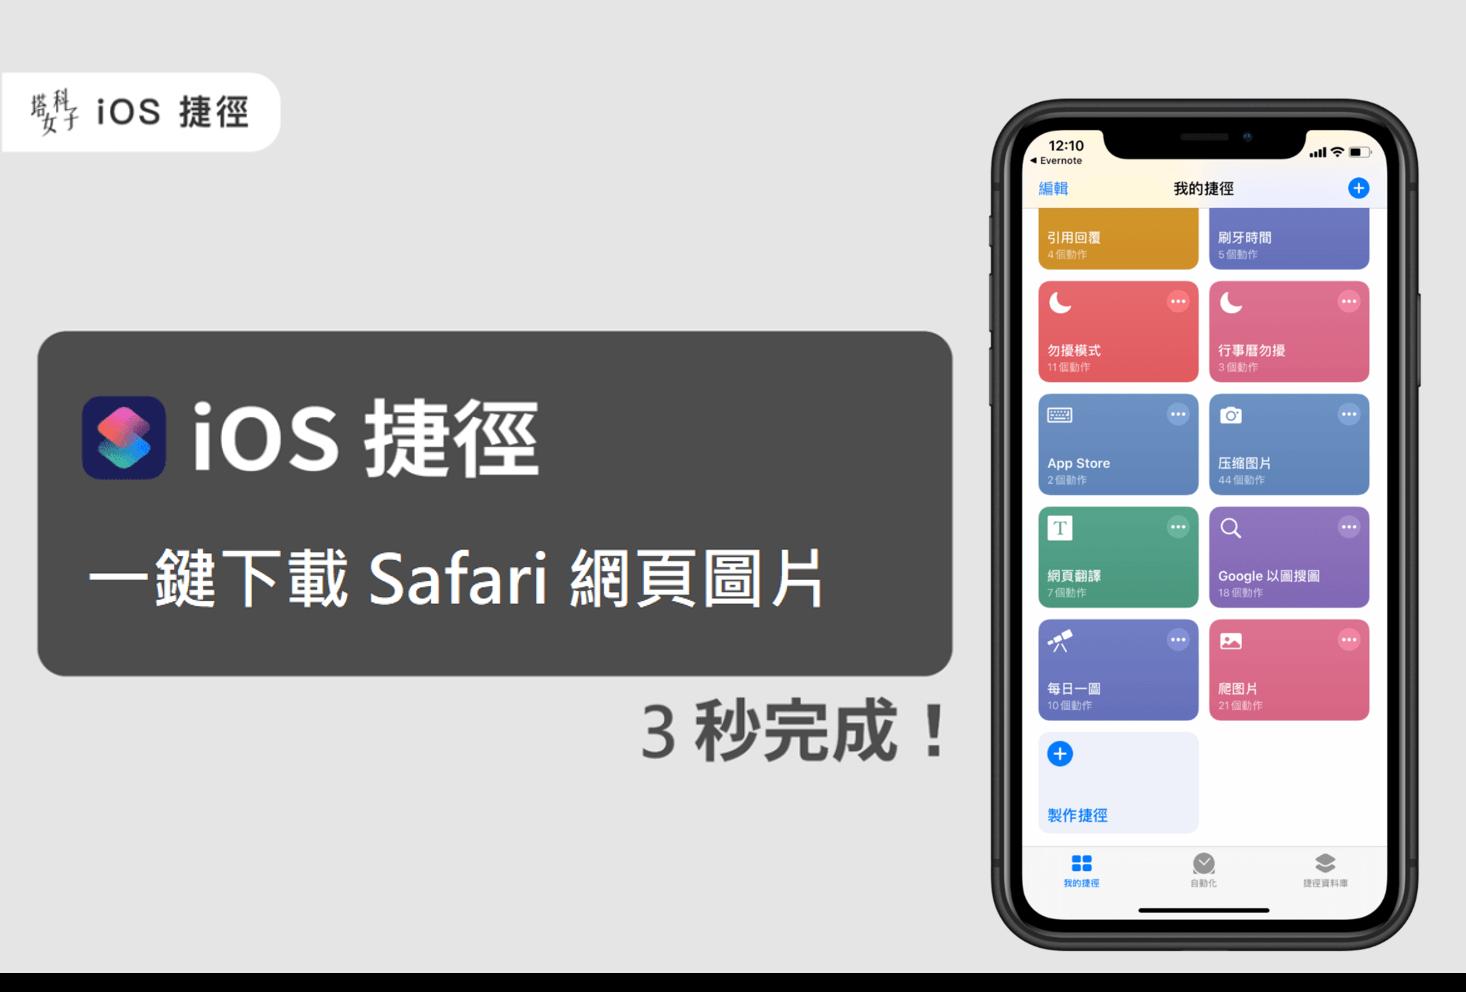 在 iPhone 3 秒下載 Safari 網頁圖片 (iOS 捷徑教學)